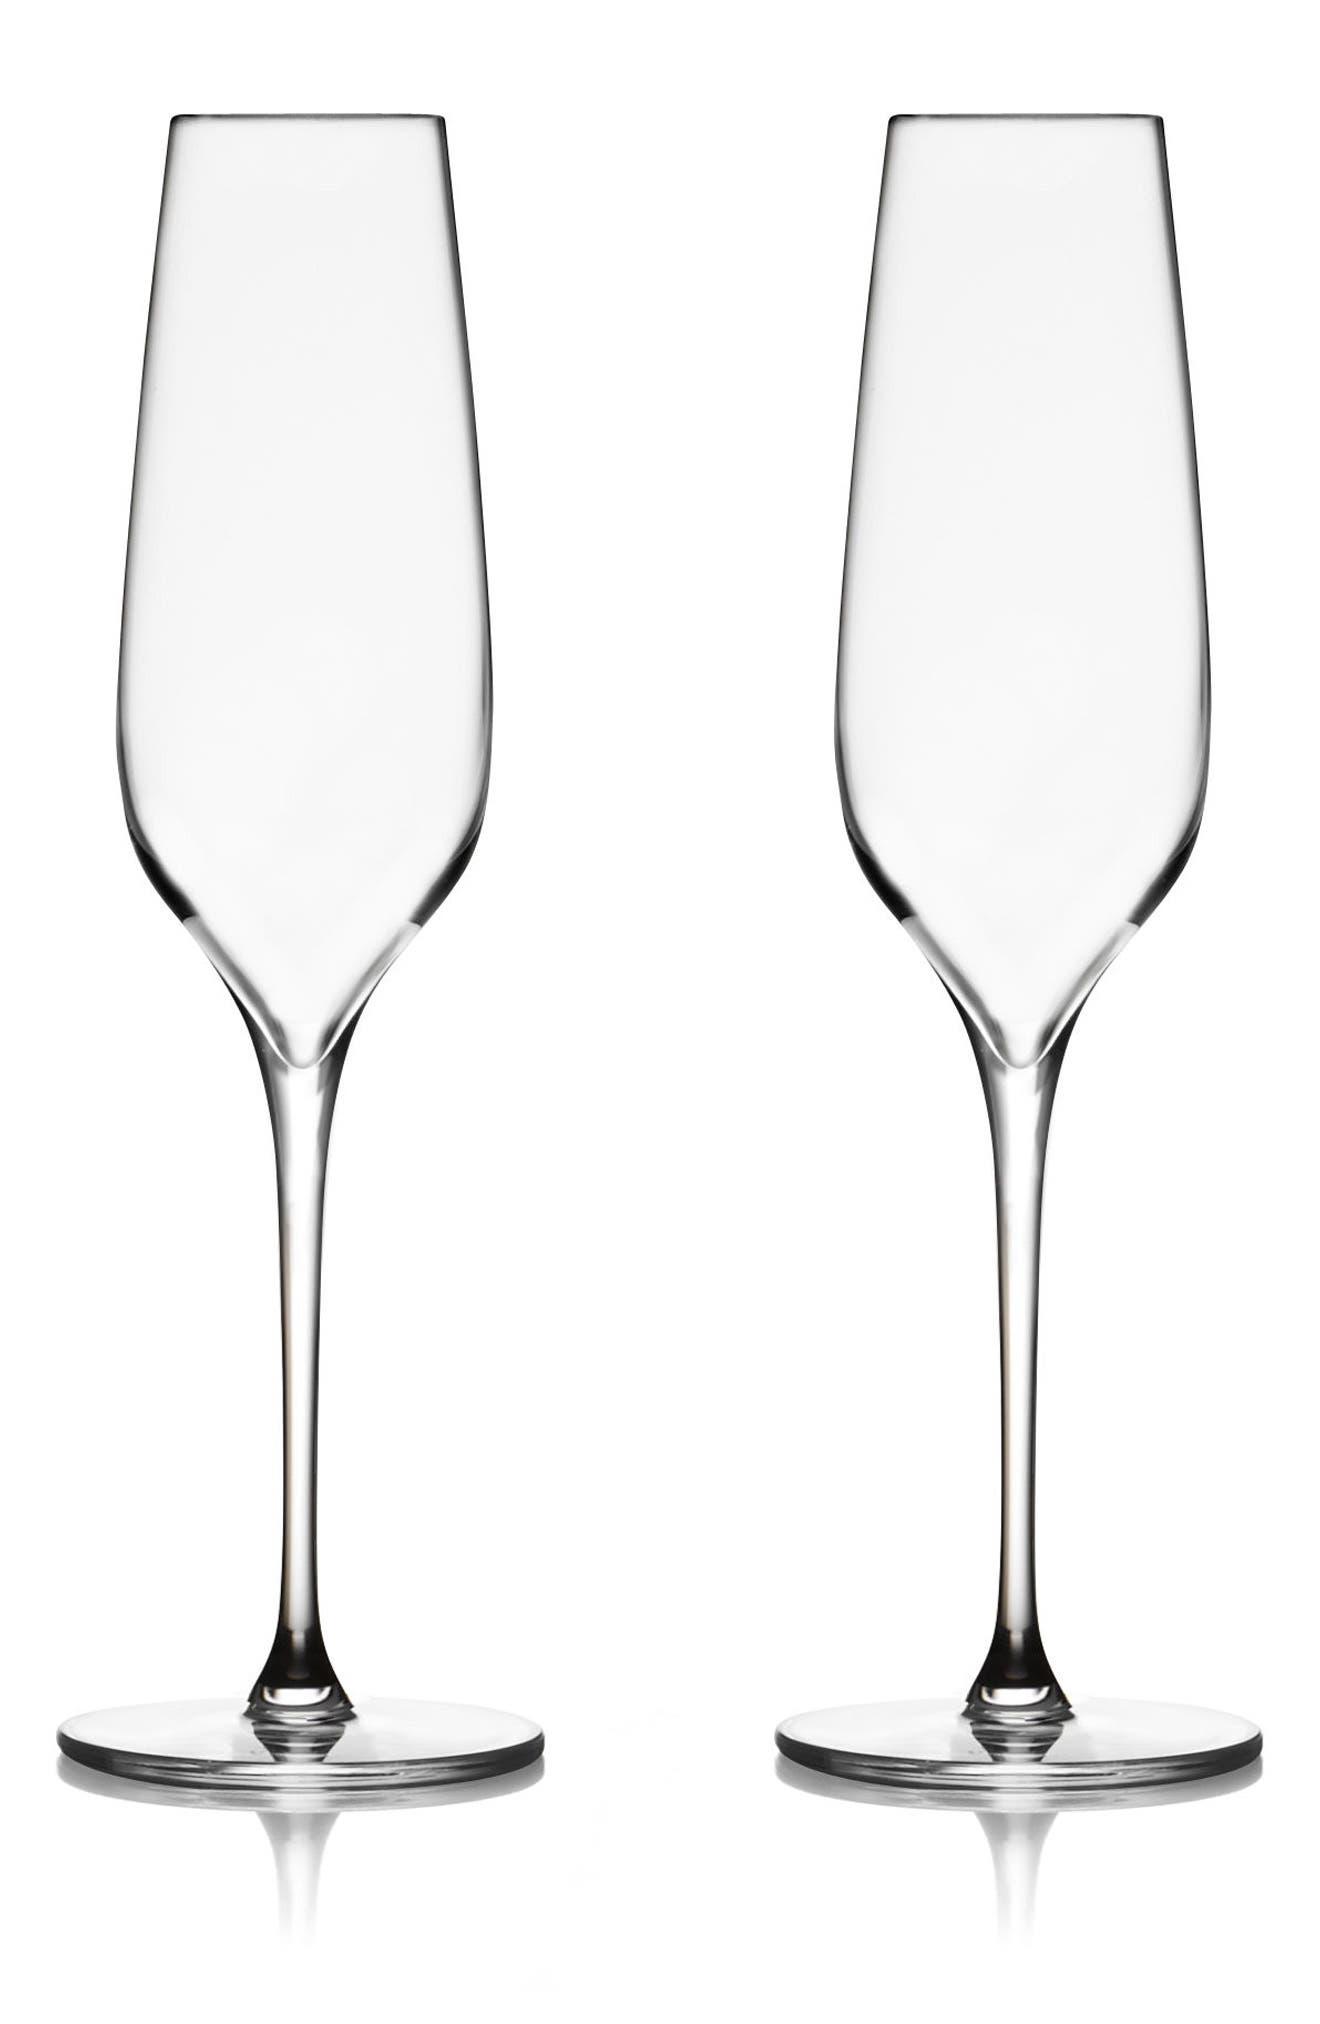 Vie Set of 2 Champagne Flutes,                             Main thumbnail 1, color,                             100